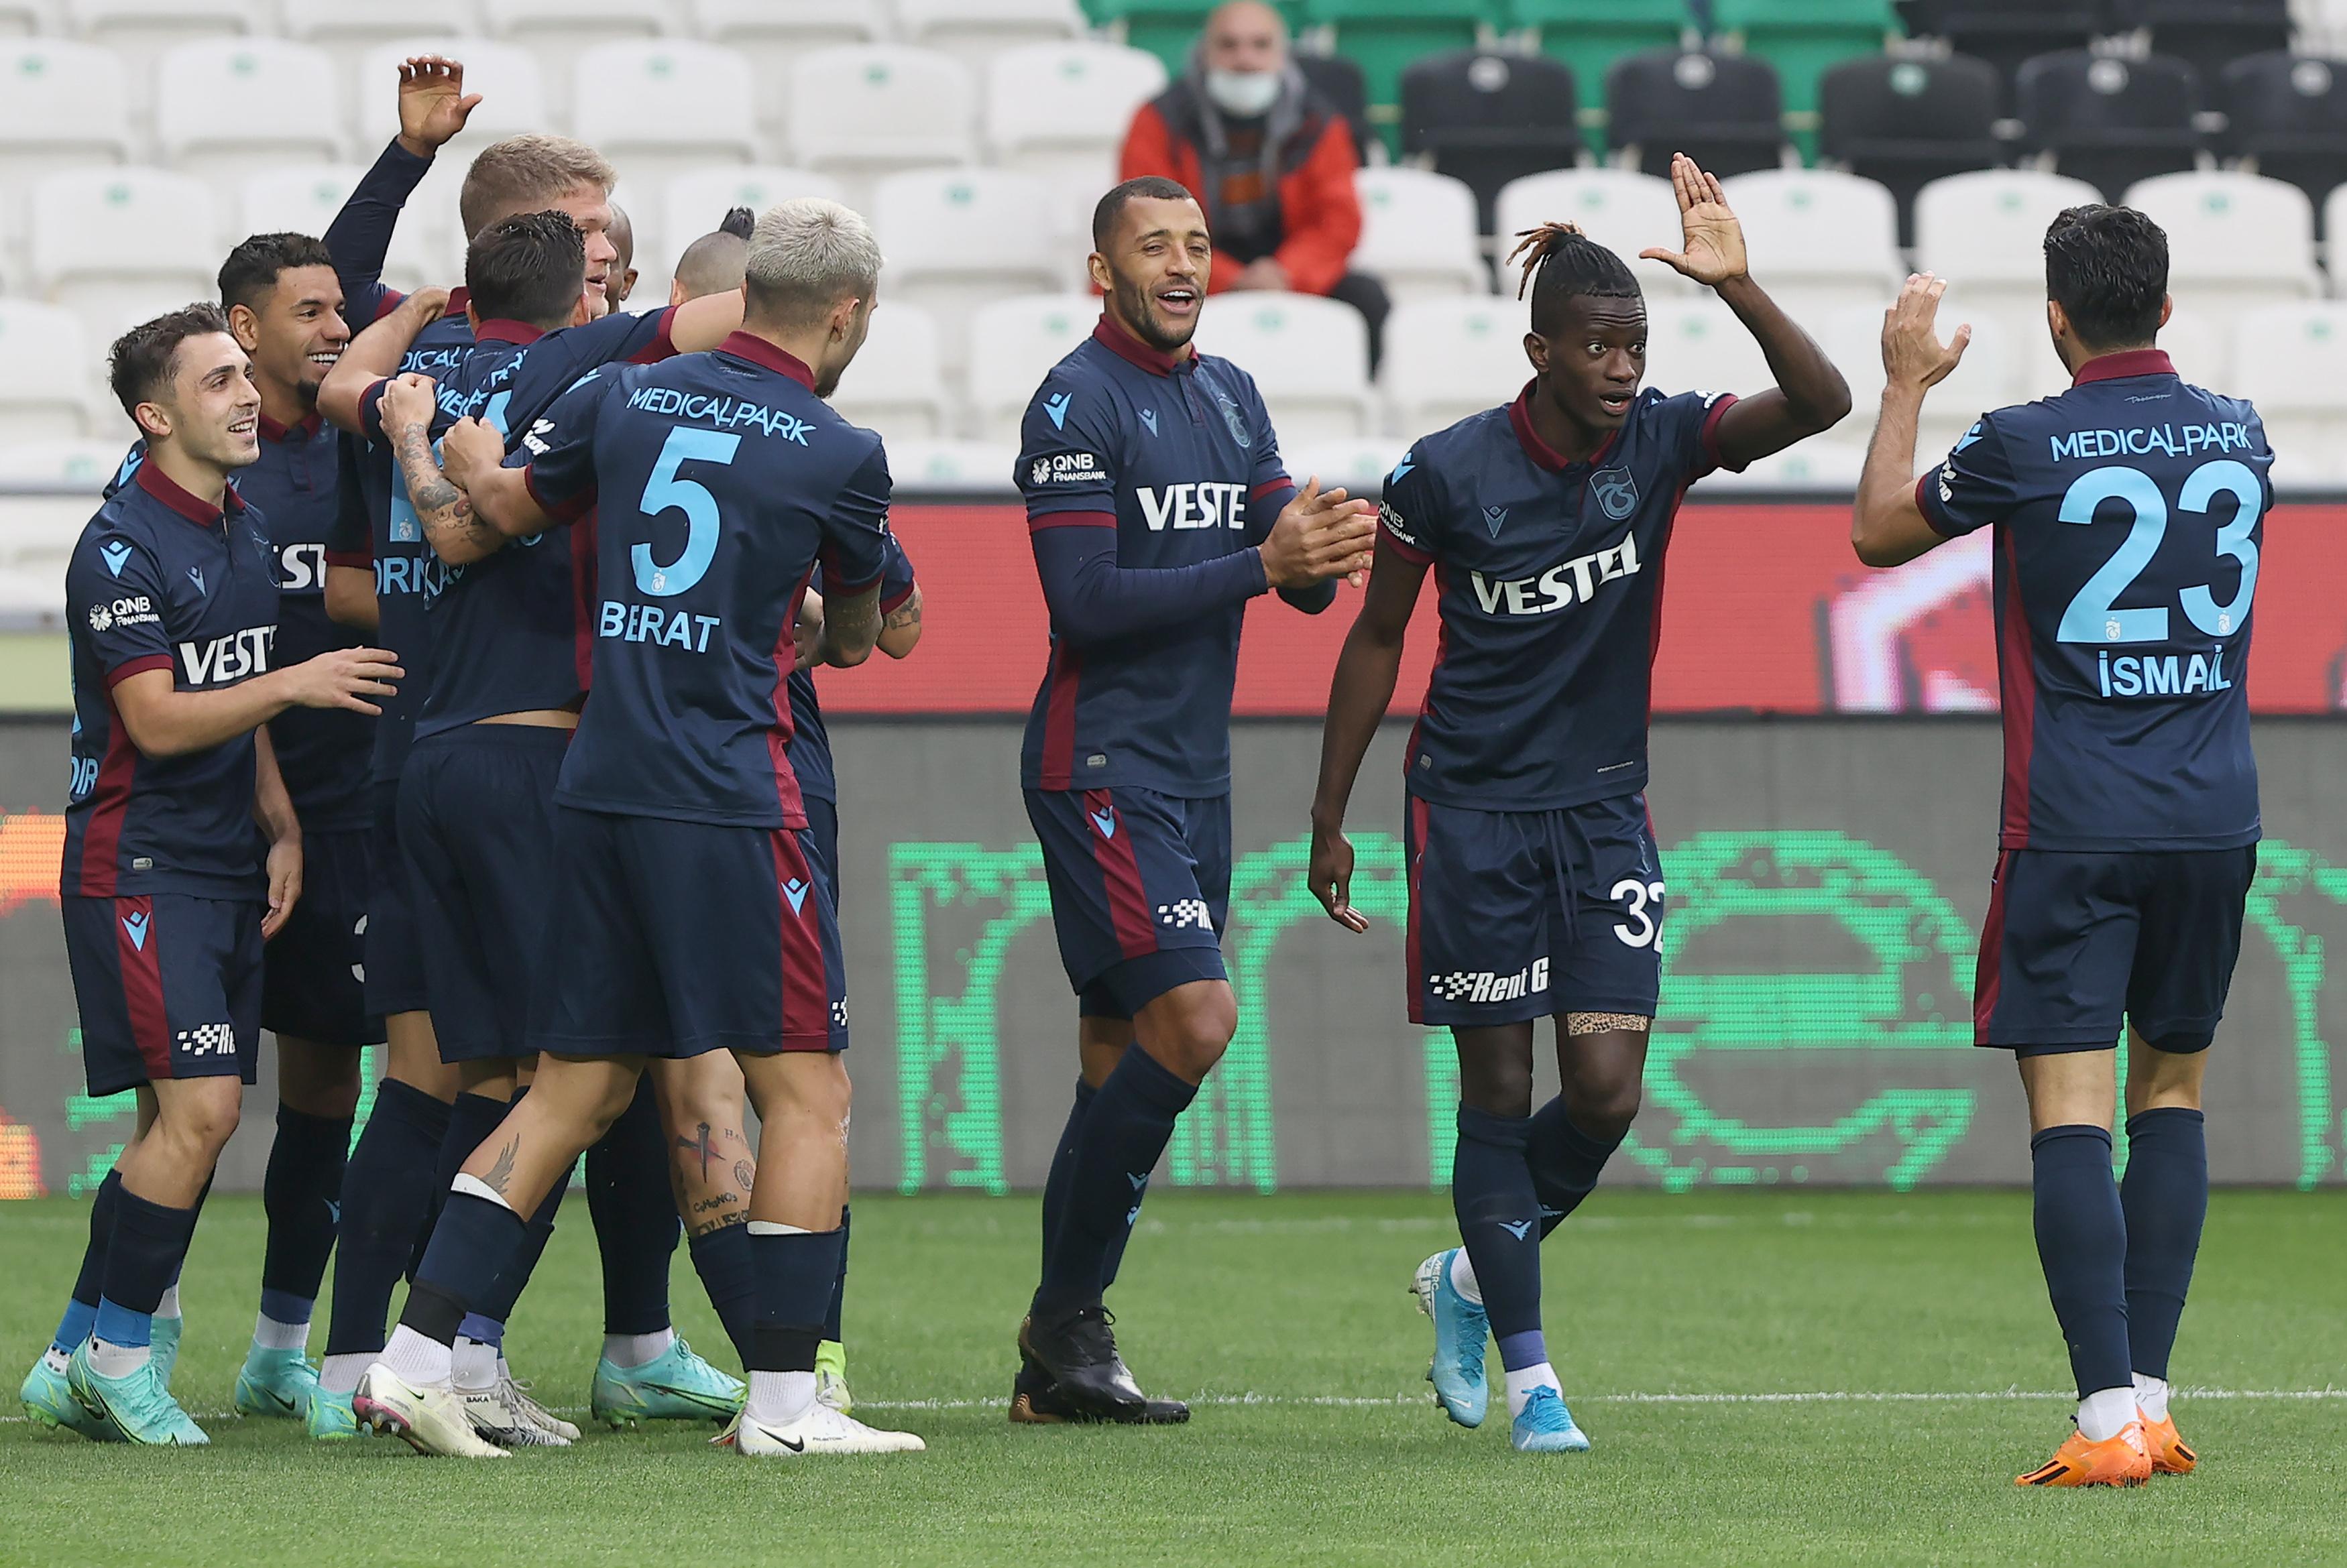 <p>Bugün 17.00'de İttifak Holding Konyaspor ile mücadele eden Trabzonspor ise 2-1 gerideyken beraberliği yakaladı ve karşılaşmadan 1 puanla ayrılmayı başardı. Bordo-mavililer bu skorla, en uzun yenilmemezlik serisi rekorunu kırdılar. (21 maç)</p>